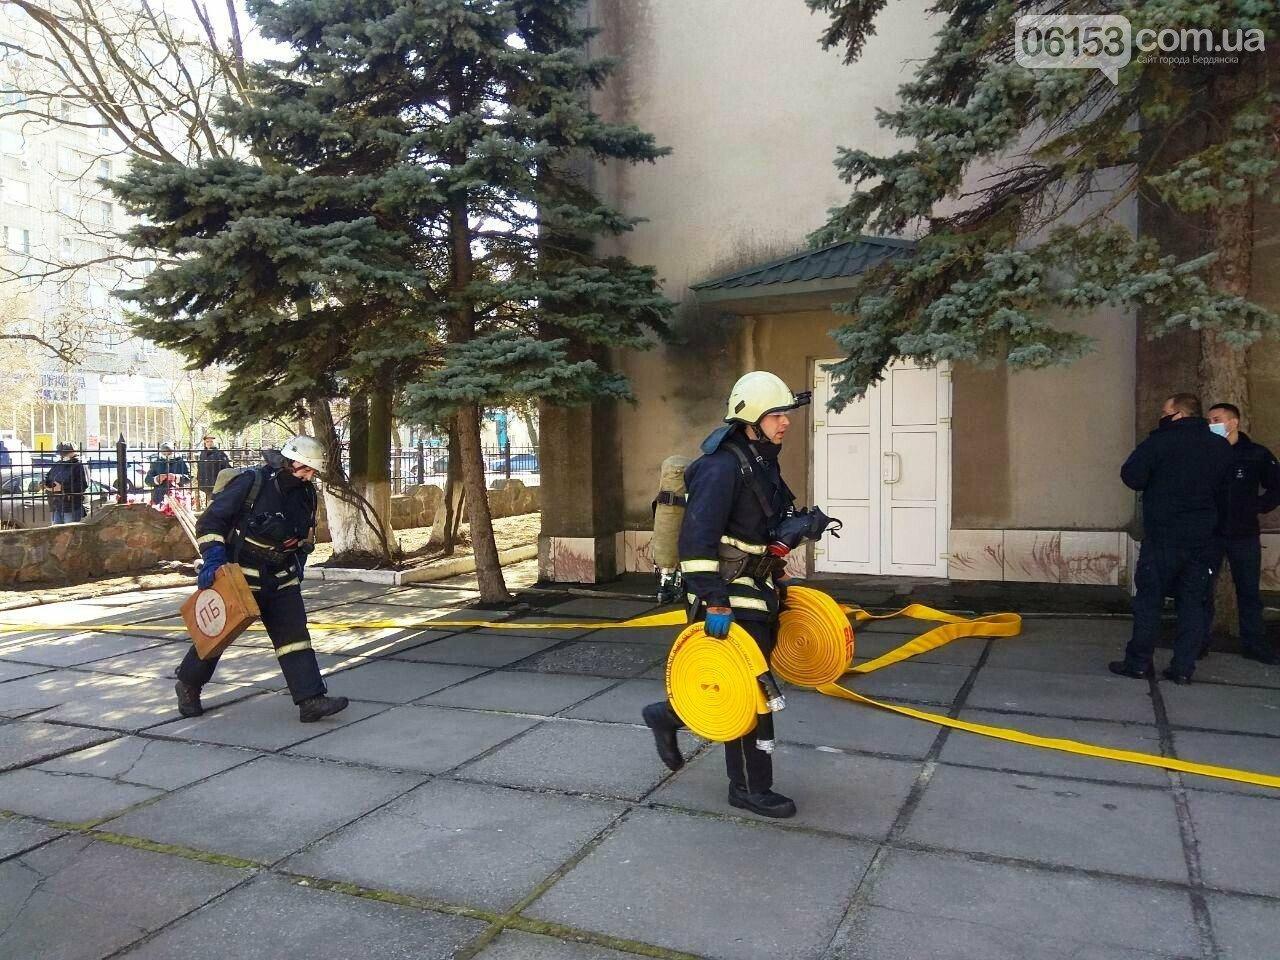 Три малоизвестных факта о бердянской пожарной части, фото-2